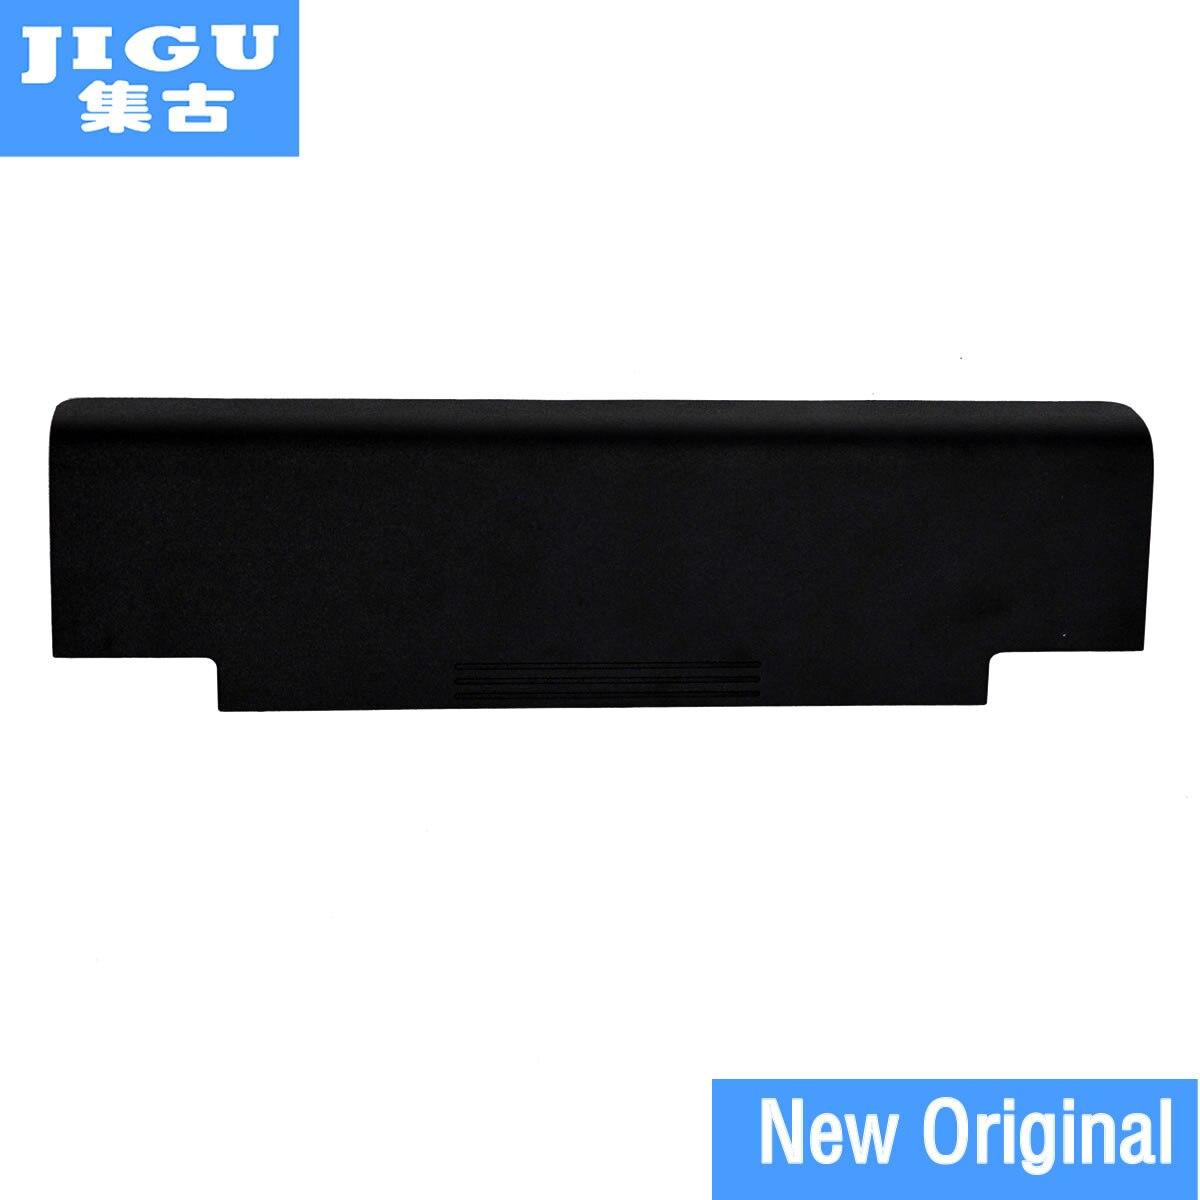 JIGU Original Laptop battery for Dell forInspiron N7110 M5030 M5040 M501 N4050 N5030 N5040 N5050 N4120